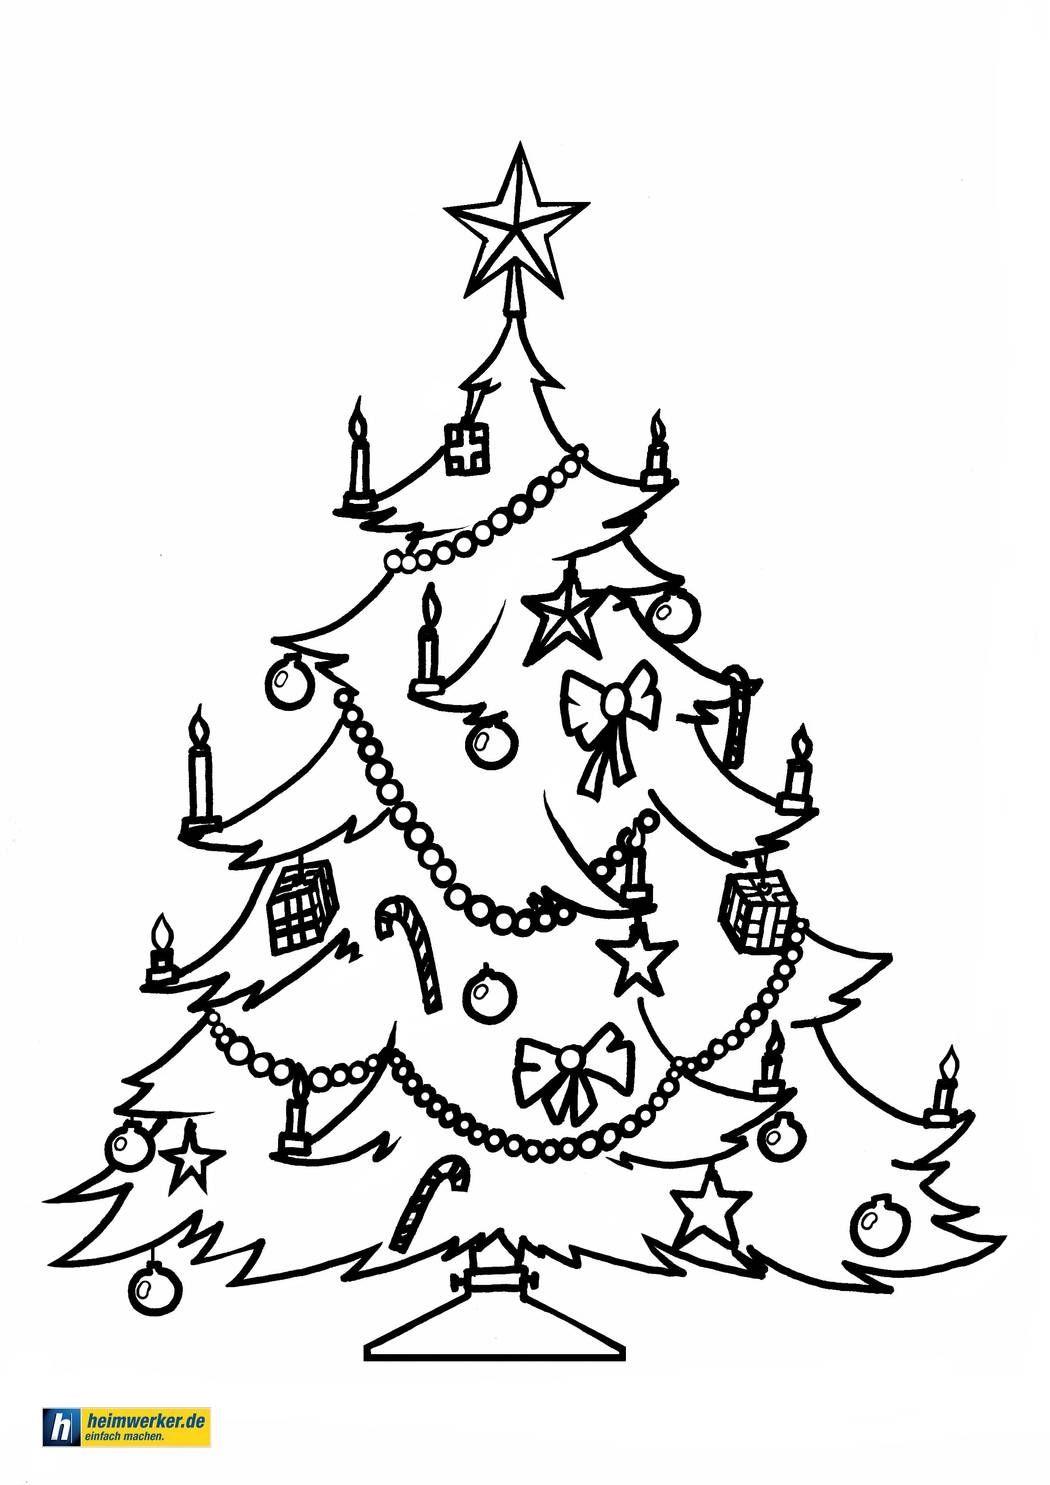 Weihnachten Malvorlagen Kinder